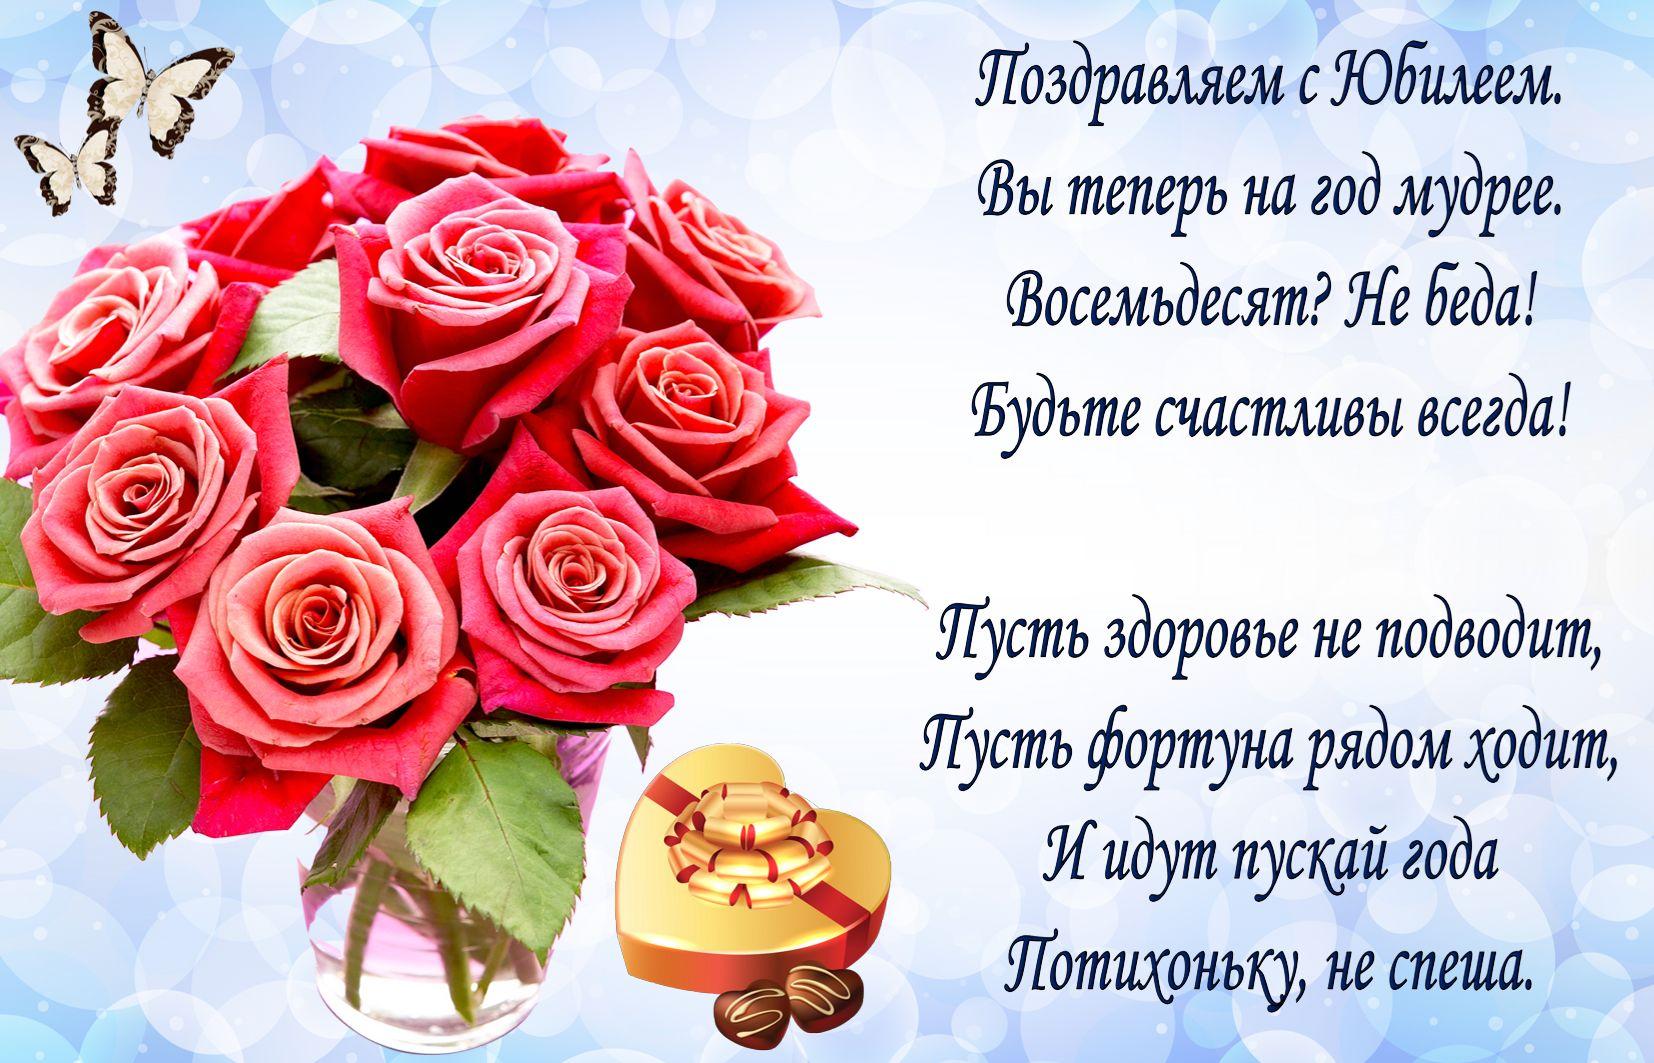 Открытка на юбилей 80 лет - красивое пожелание и букет красных роз